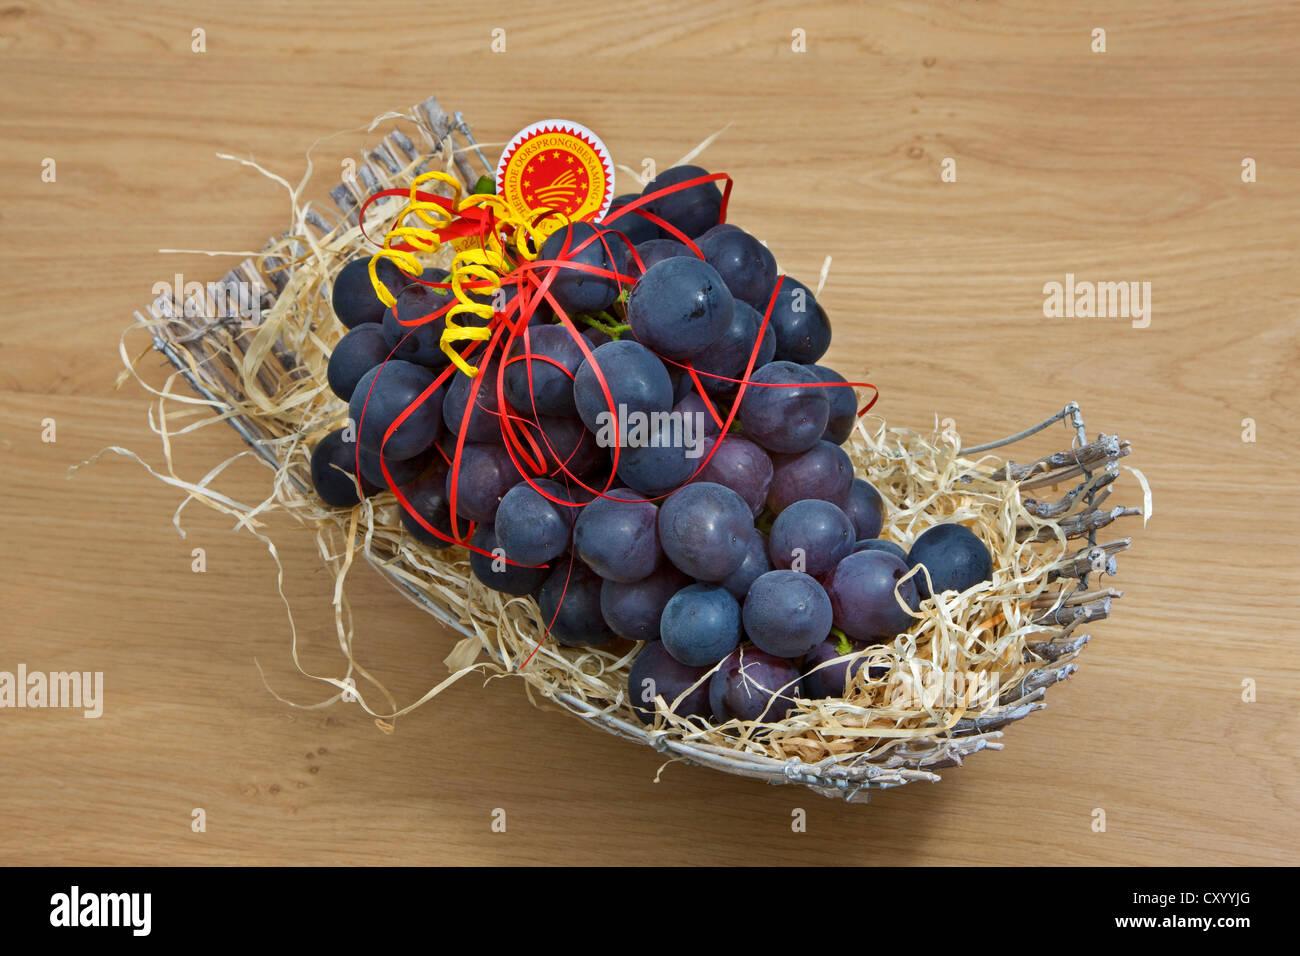 Präsentation der blauen Trauben (Vitis Vinifera) von Flämisch-Brabant, Flandern, Belgien Stockbild